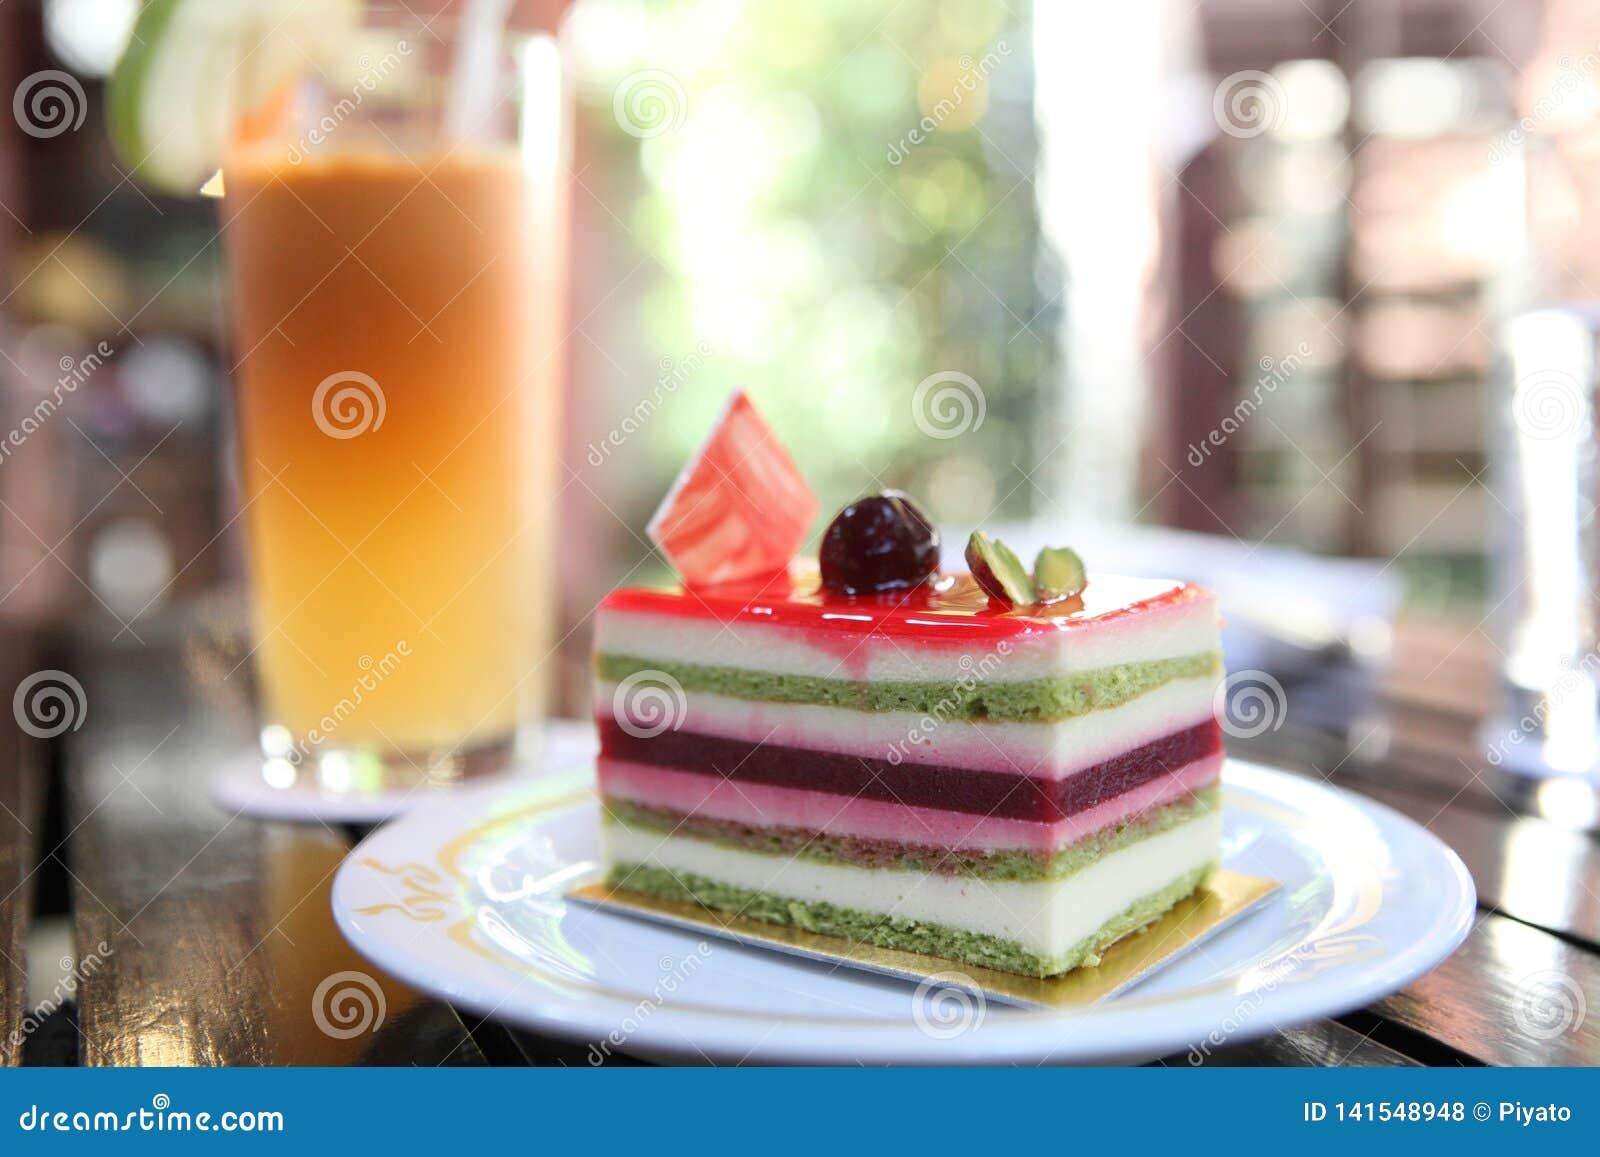 Torta colorida de la fruta